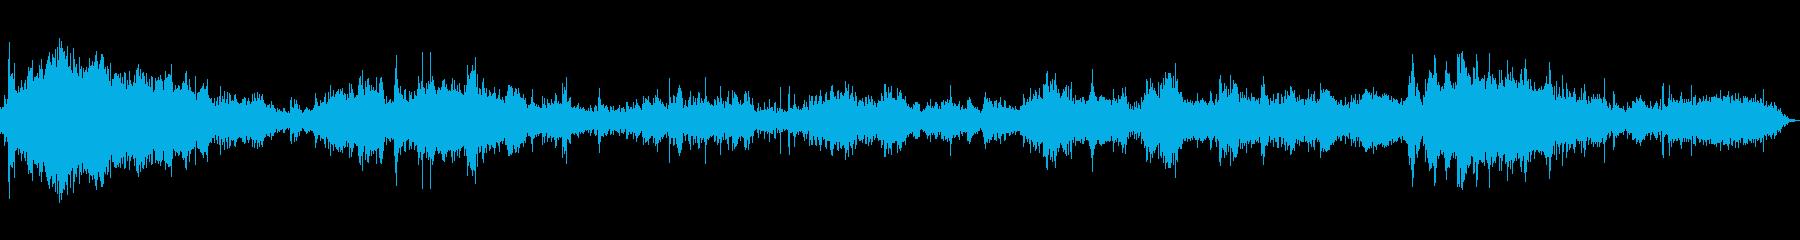 大きな近くの水のしぶきswishの再生済みの波形